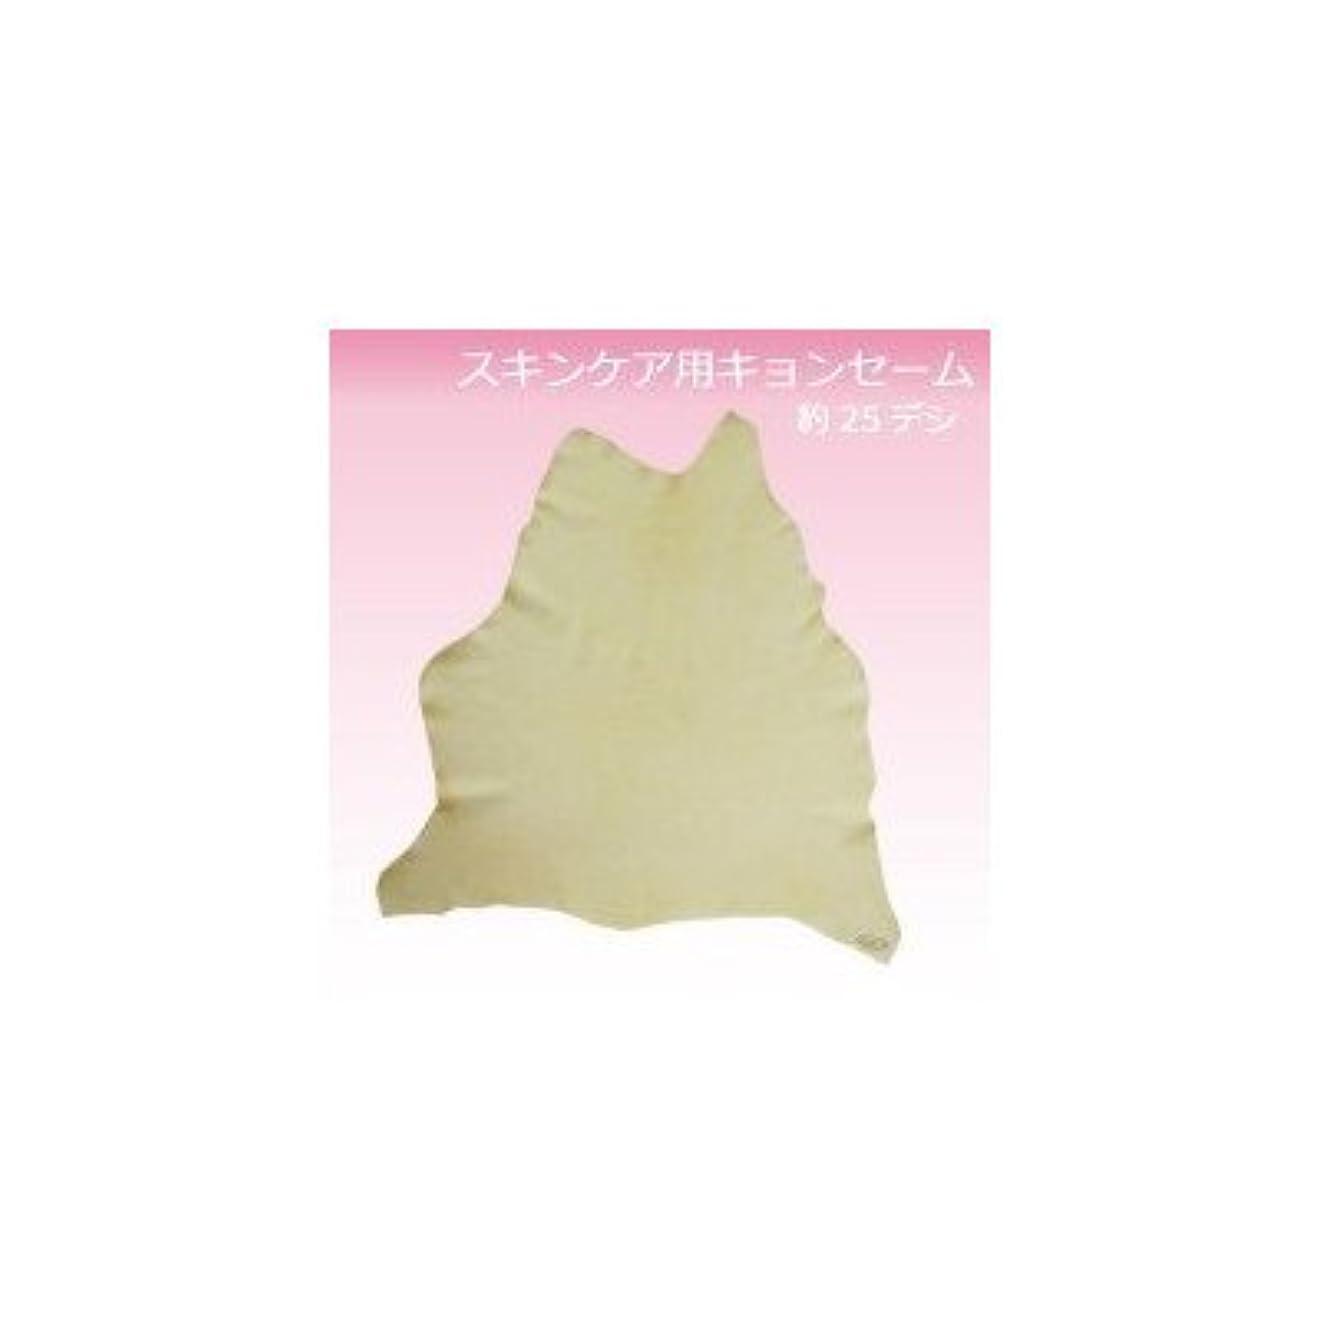 衝突コースマーケティング親春日 スキンケア用キョンセーム 25デシ